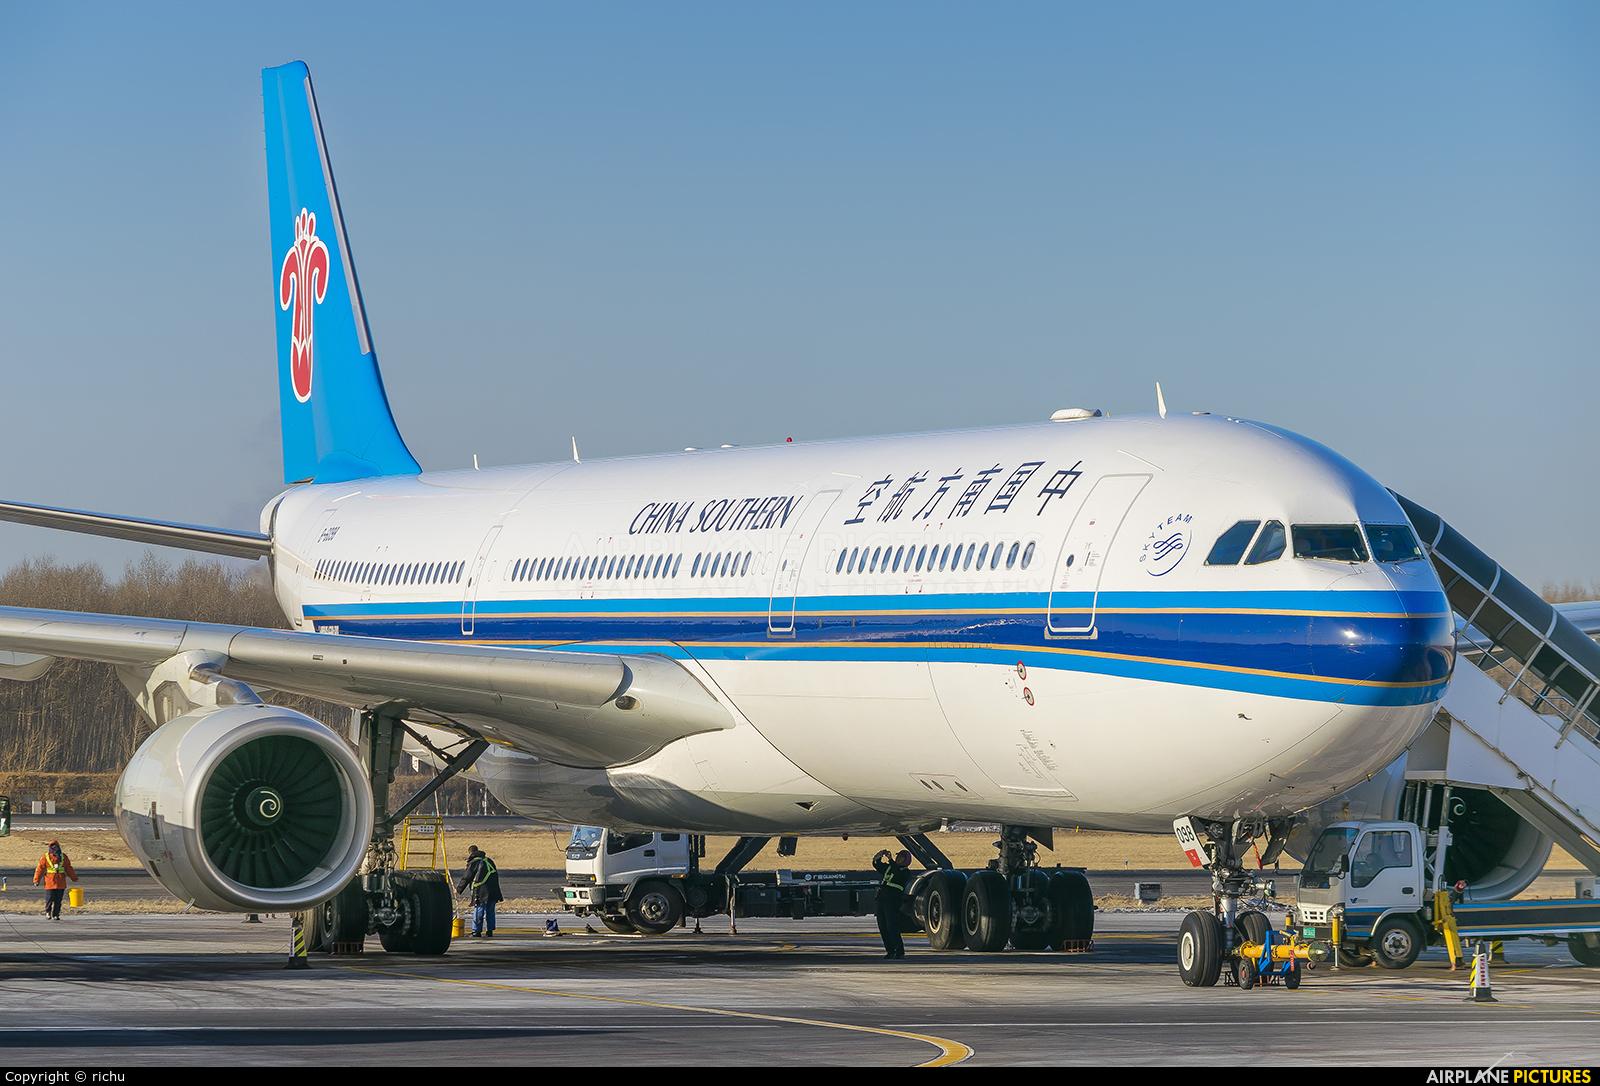 China Southern Airlines B-6098 aircraft at Shenyang-Taoxian